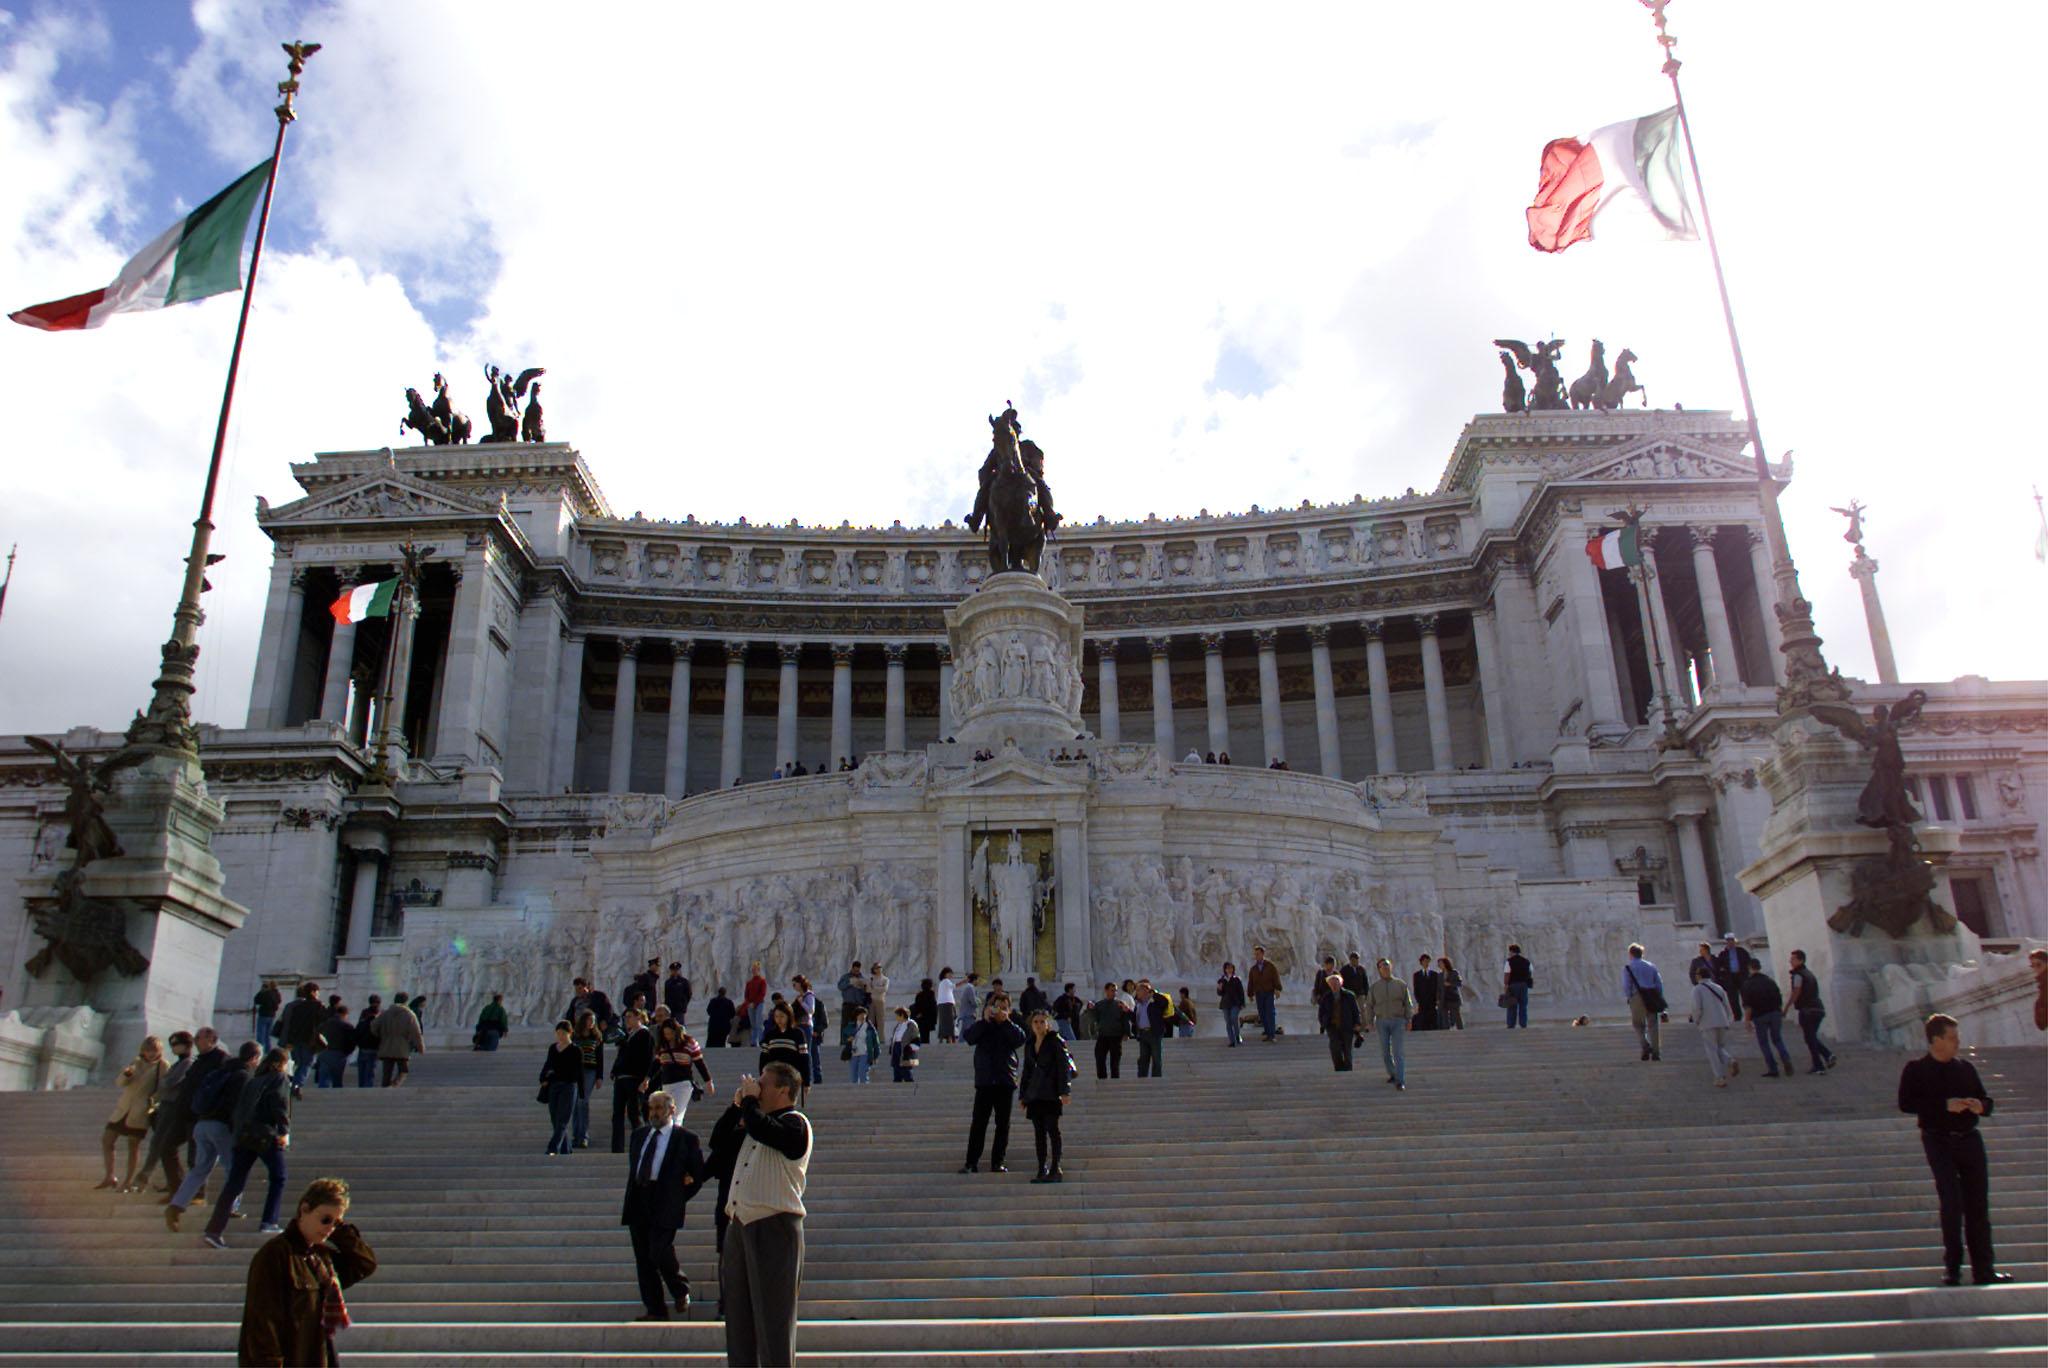 Pediluvio nella fontana di piazza venezia multati due for Fontana arredi valderice